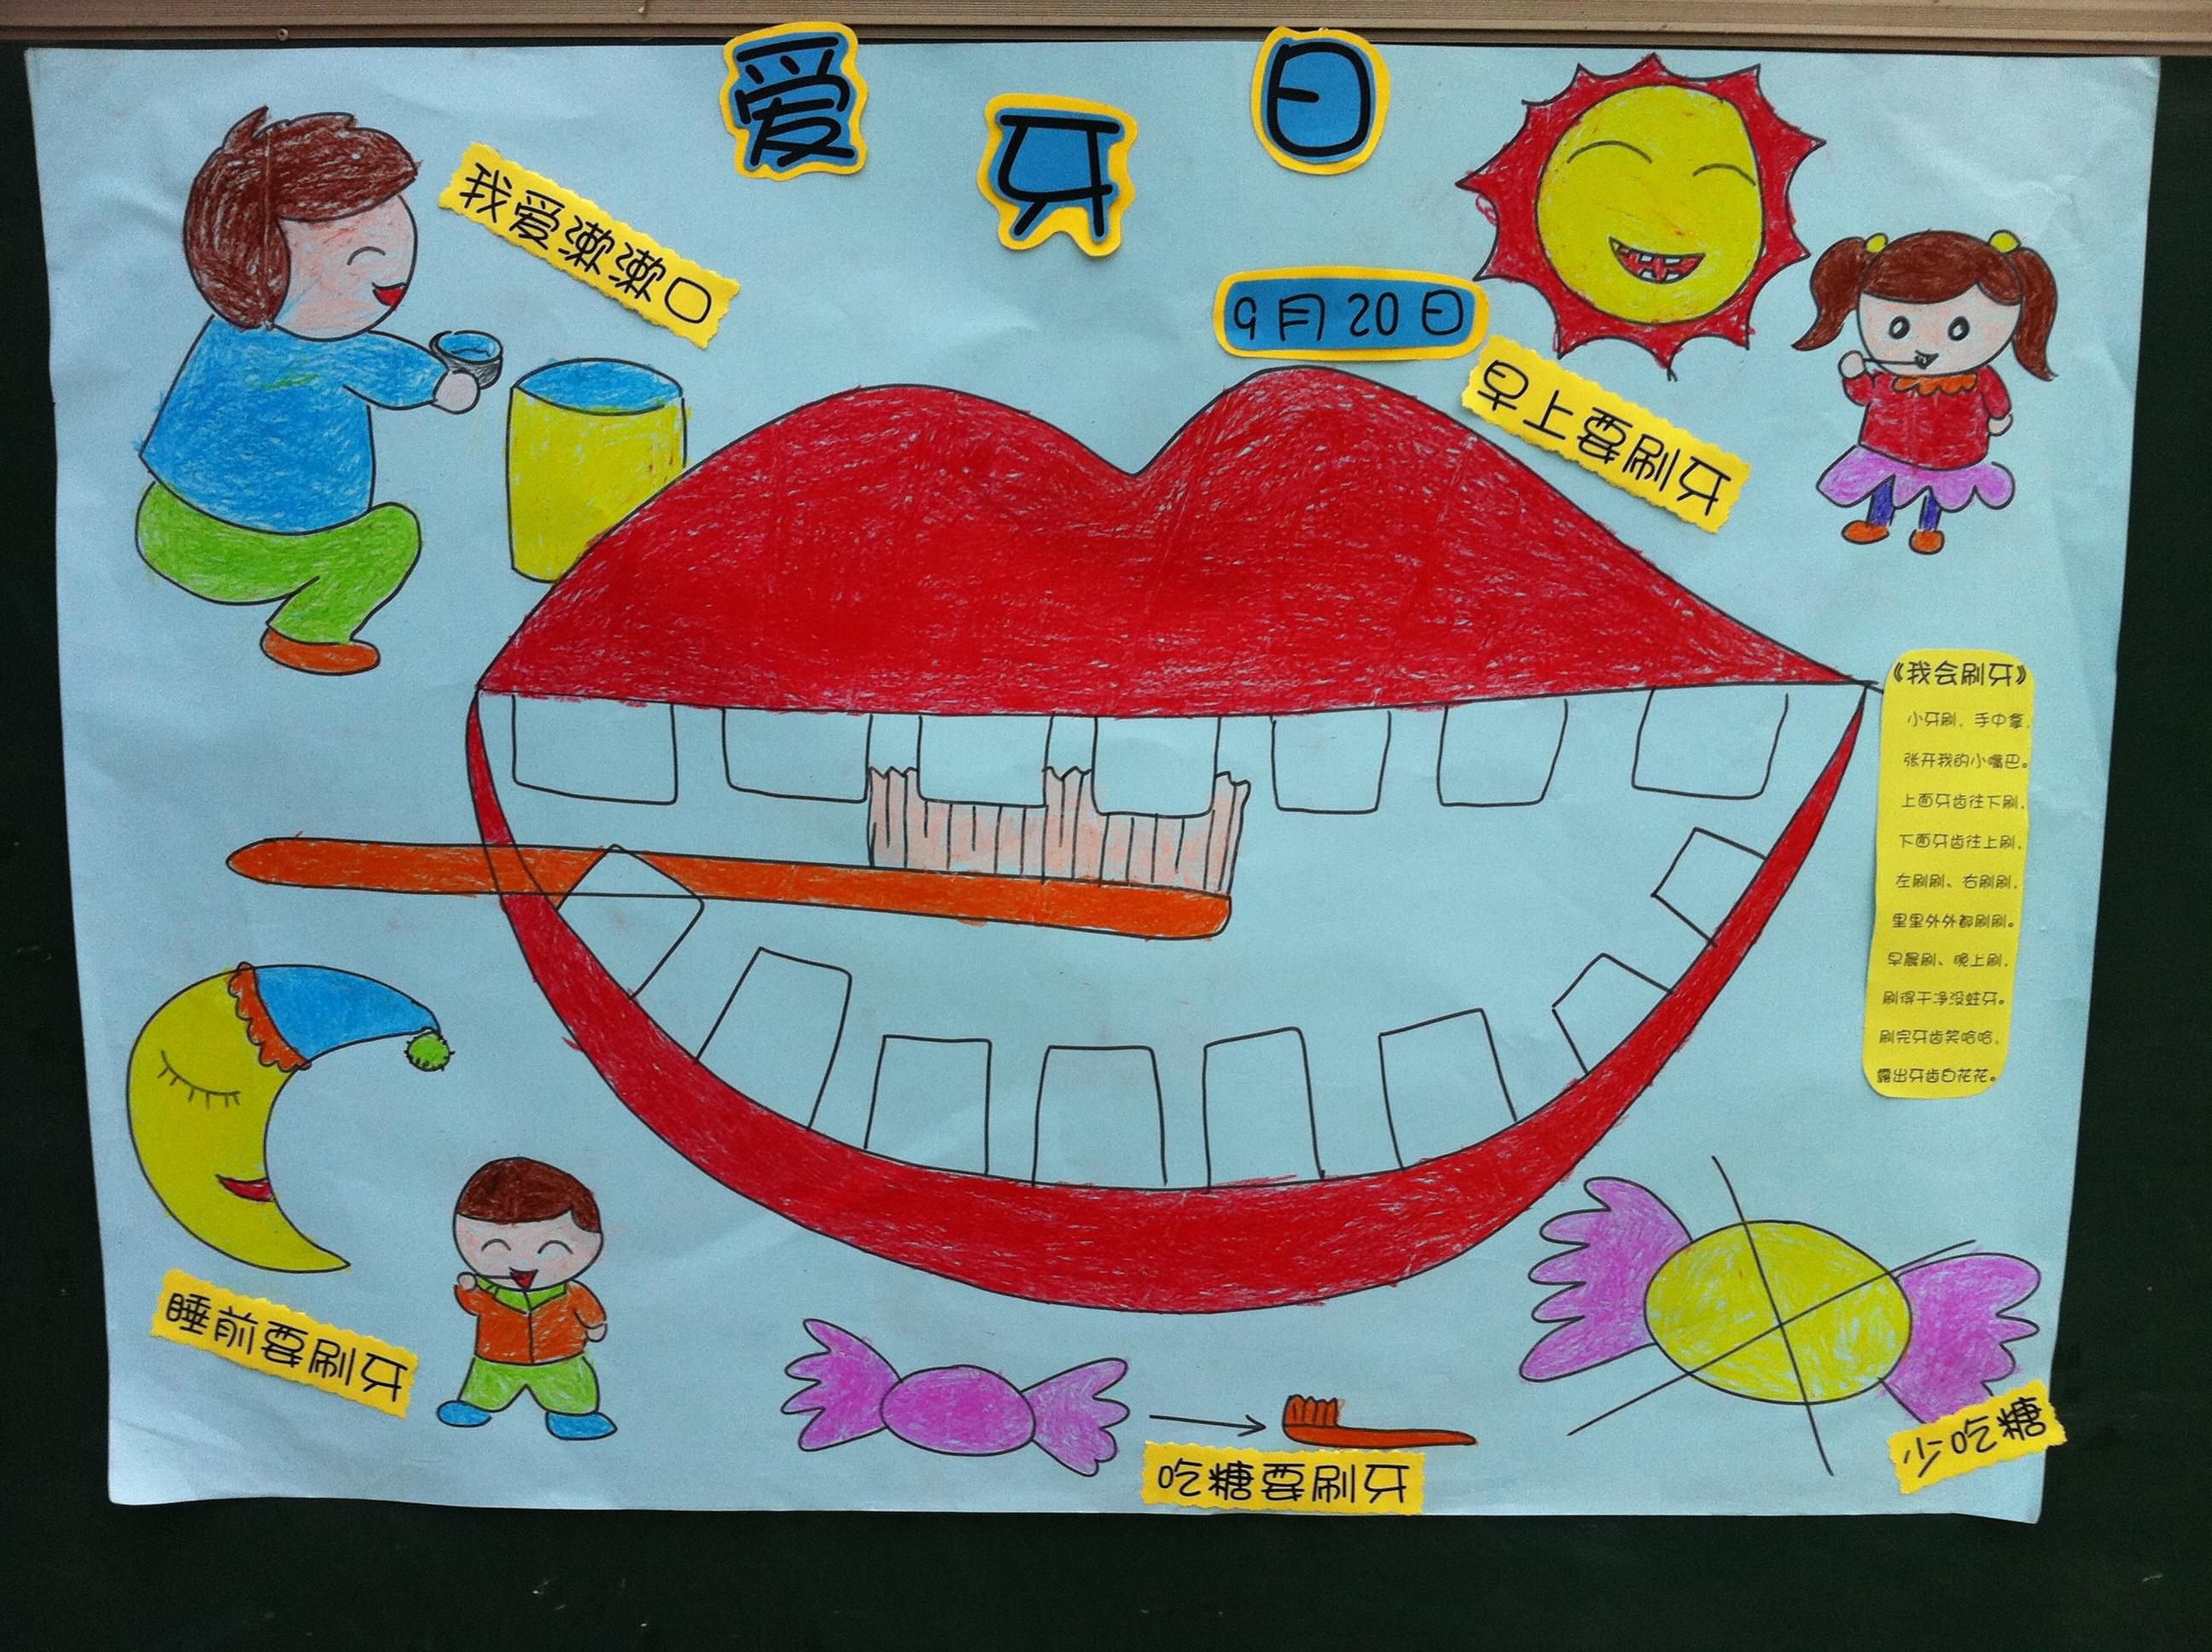 """中医保护牙齿的方法有哪些?(图2)  中医保护牙齿的方法有哪些?(图4)  中医保护牙齿的方法有哪些?(图7)  中医保护牙齿的方法有哪些?(图9)  中医保护牙齿的方法有哪些?(图11)  中医保护牙齿的方法有哪些?(图14) 为了解决用户可能碰到关于""""中医保护牙齿的方法有哪些?""""相关的问题,突袭网经过收集整理为用户提供相关的解决办法,请注意,解决办法仅供参考,不代表本网同意其意见,如有任何问题请与本网联系。""""中医保护牙齿的方法有哪些?""""相关的详细问题如下:中医保护牙齿的方法有哪些? ===="""